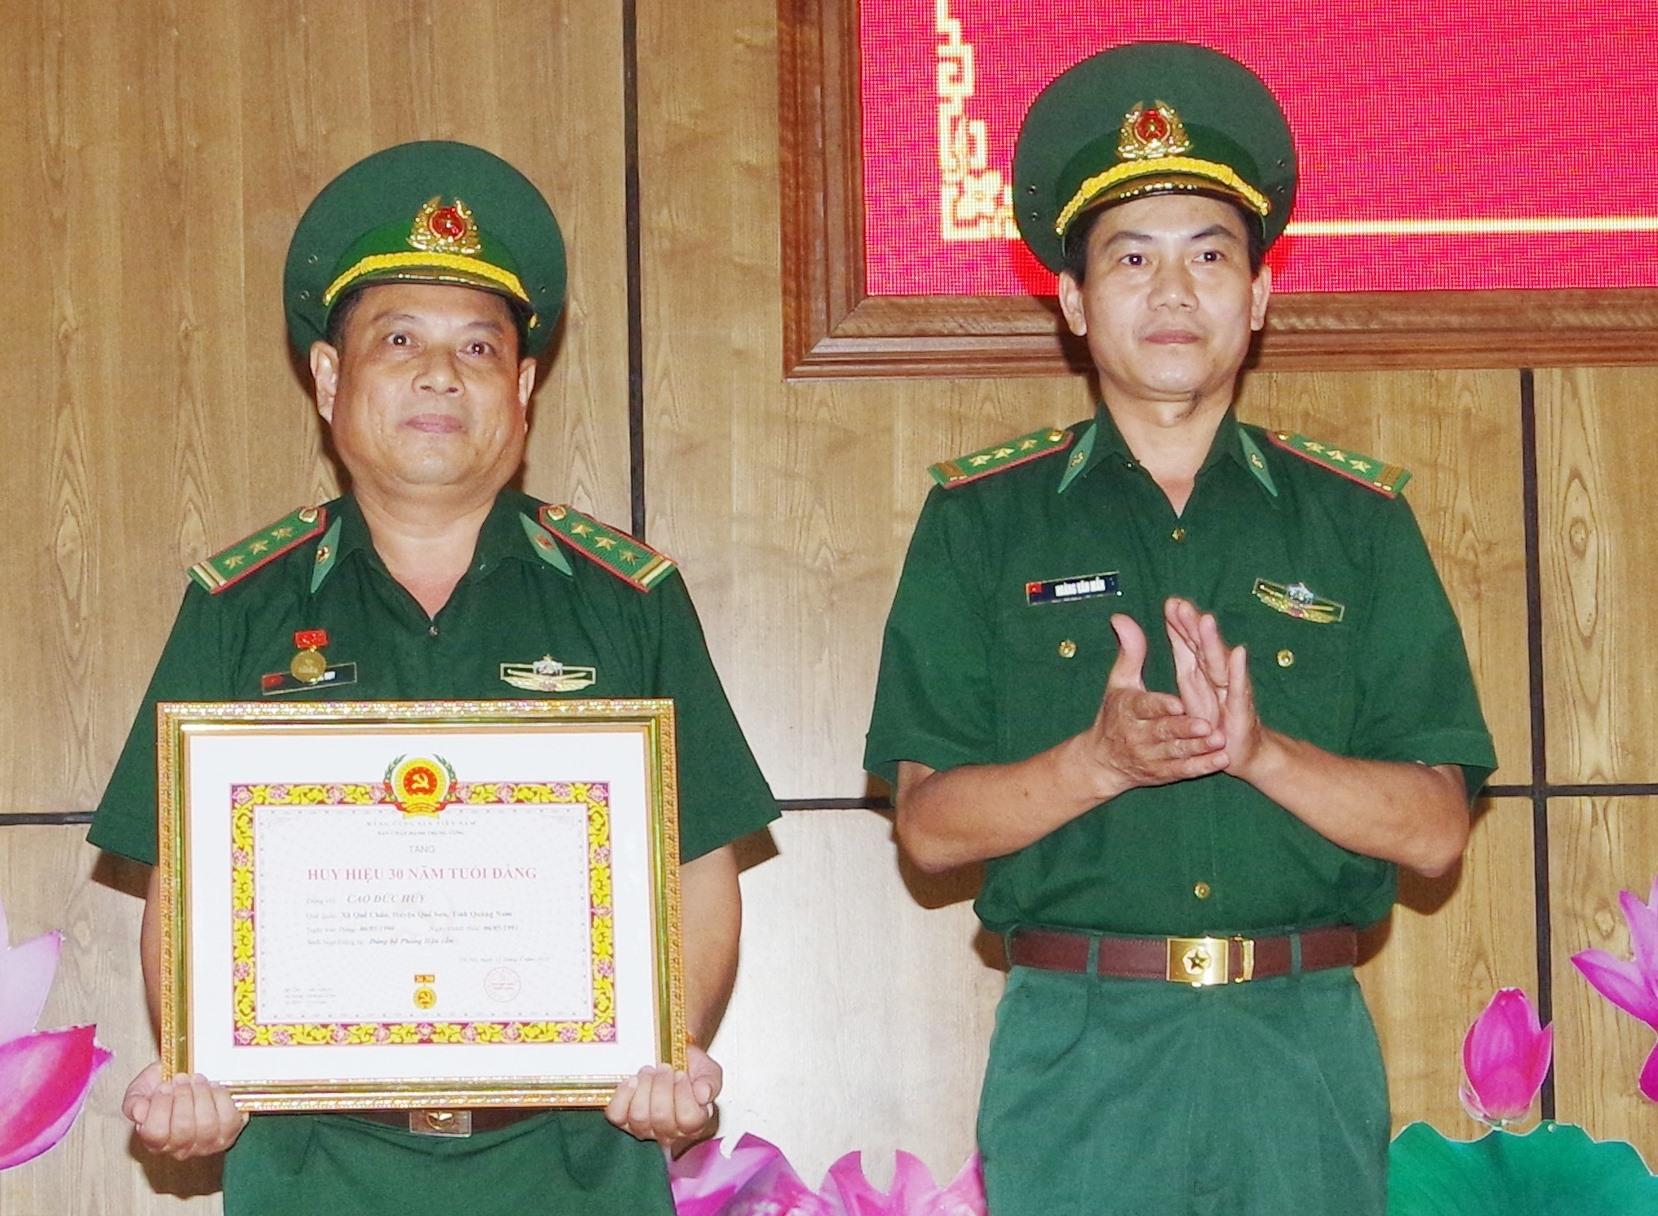 Thượng tá Hoàng văn Mẫn, Bí thư Đảng ủy, Chính ủy BĐBP tỉnh trao huy 30 năm tuổi Đảng cho đồng chí Cao Đức Huy. Ảnh: HUỲNH CHÍN